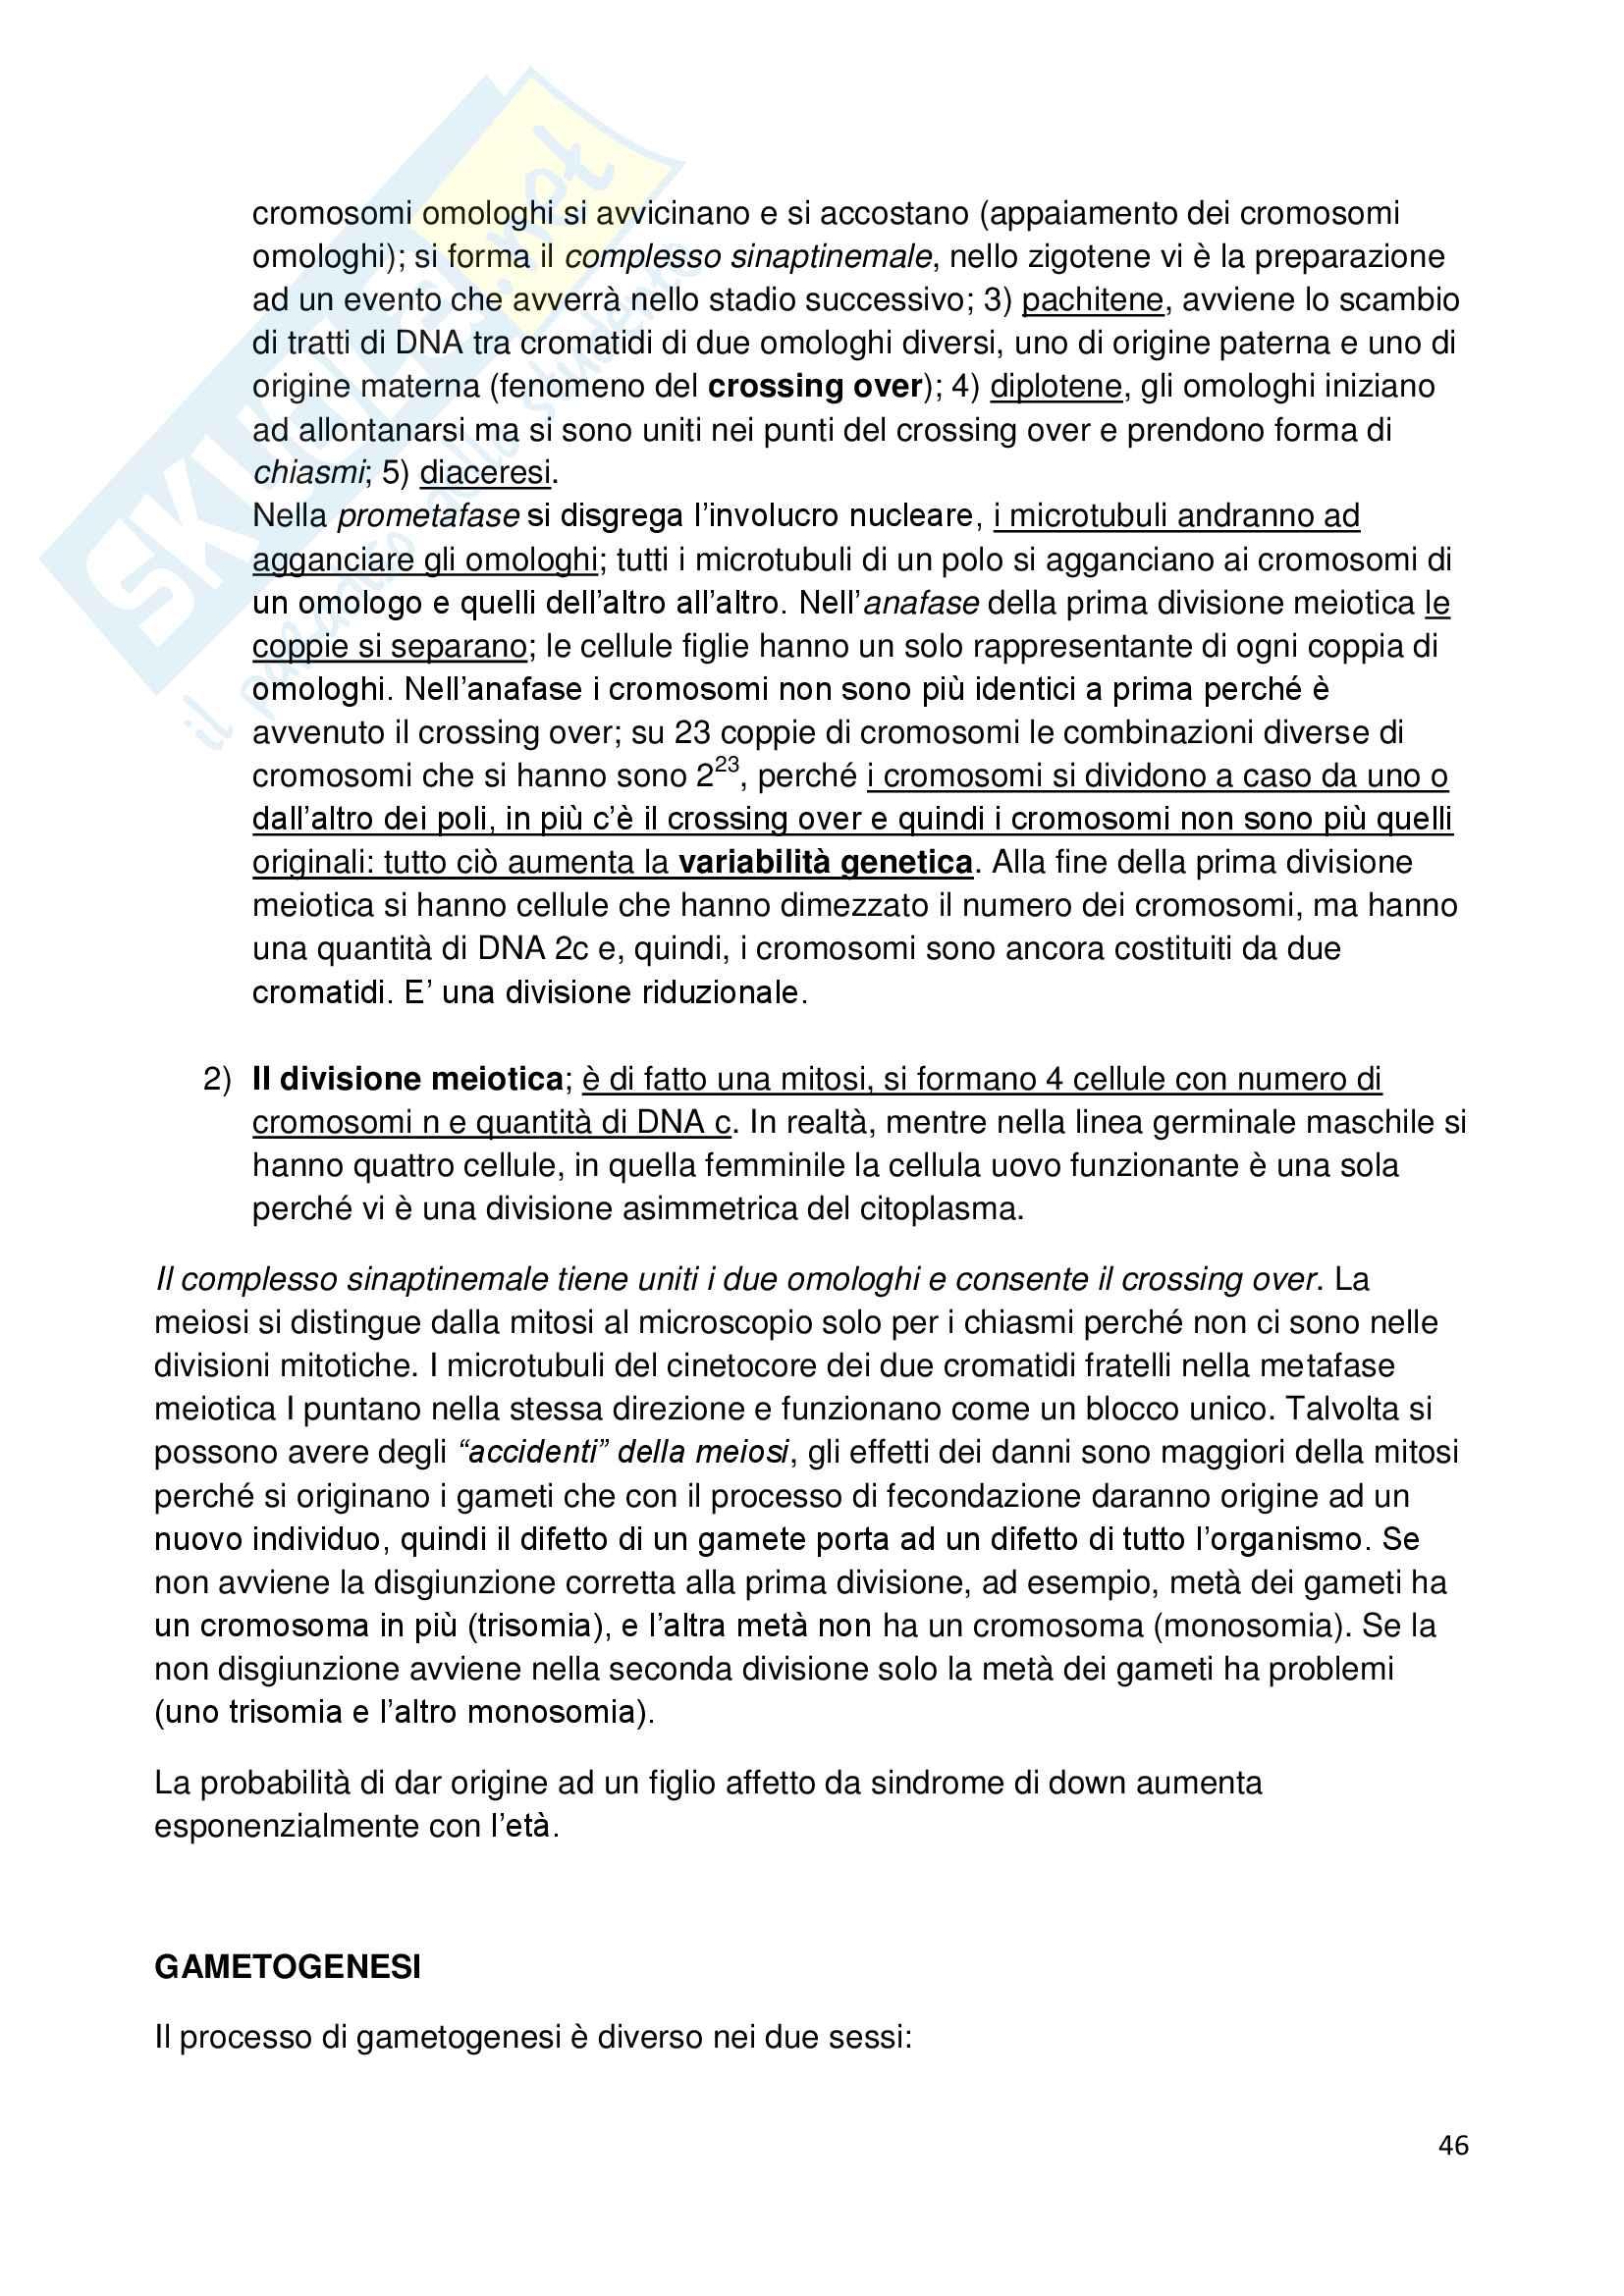 Appunti di biologia della cellula Pag. 46